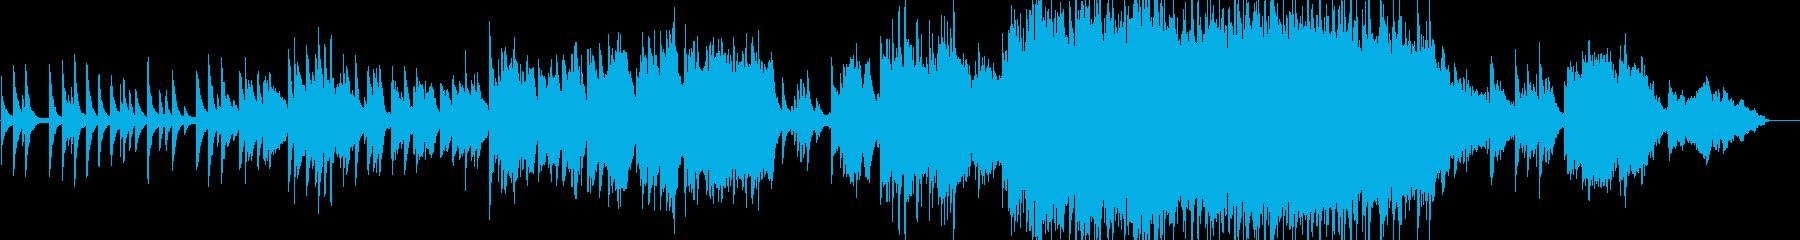 企業VP5 16bit48kHzVerの再生済みの波形